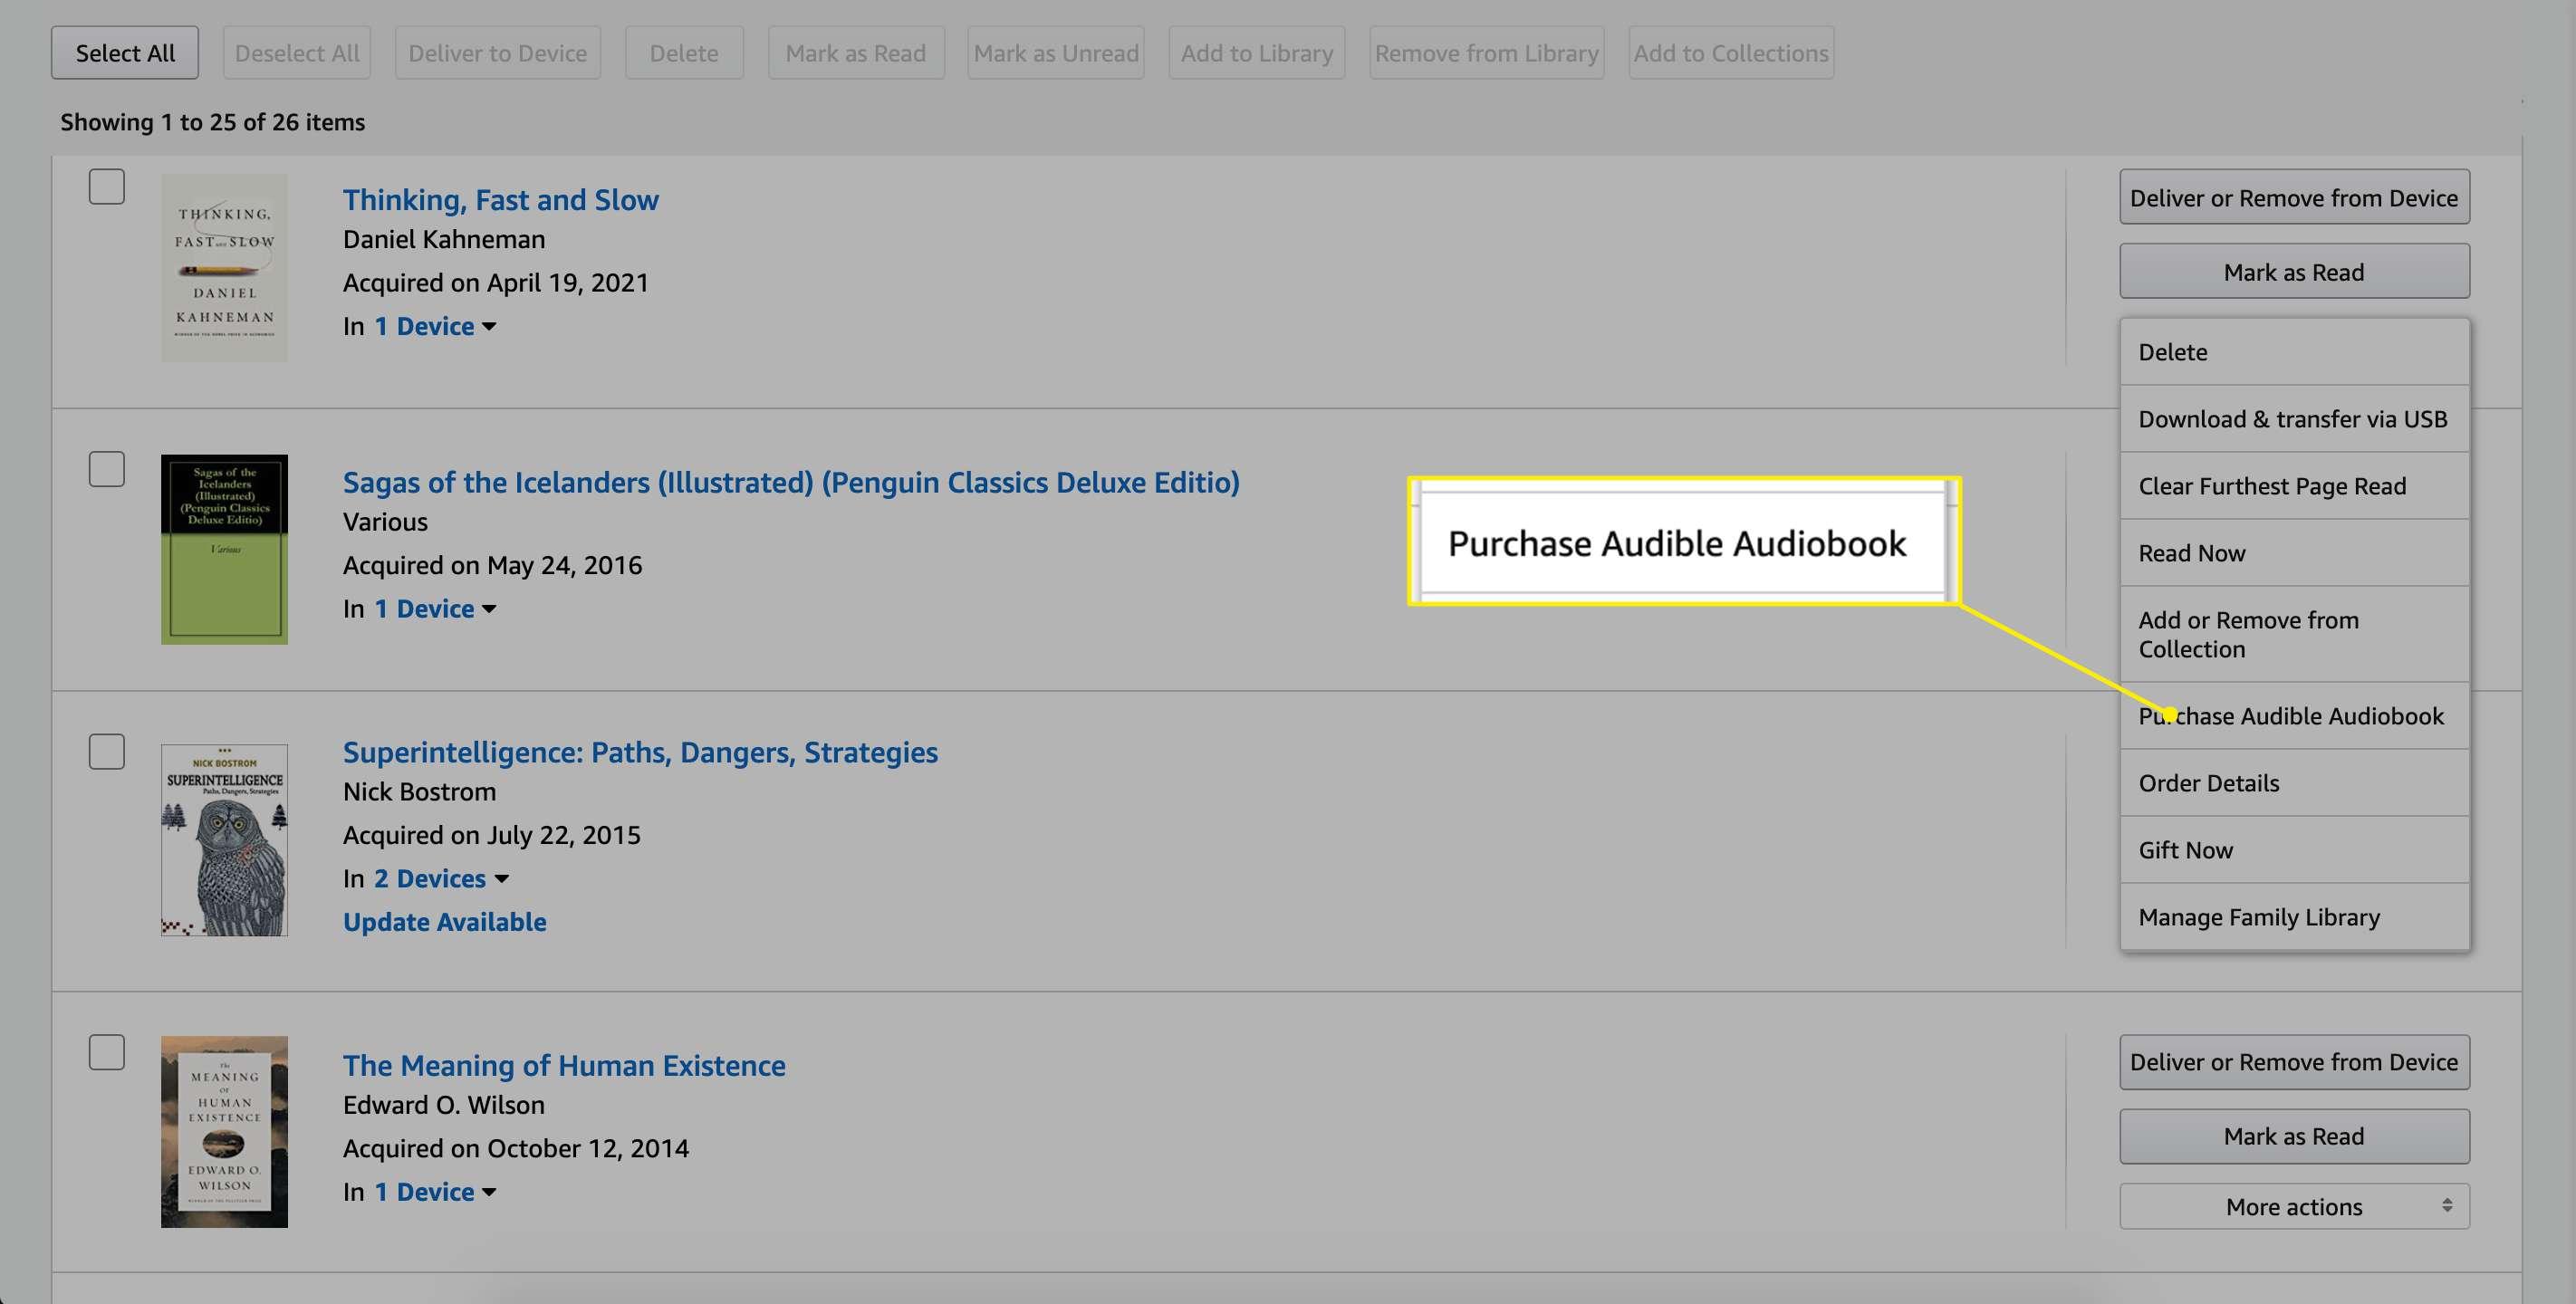 Amazon Purchase Audible Audiobook